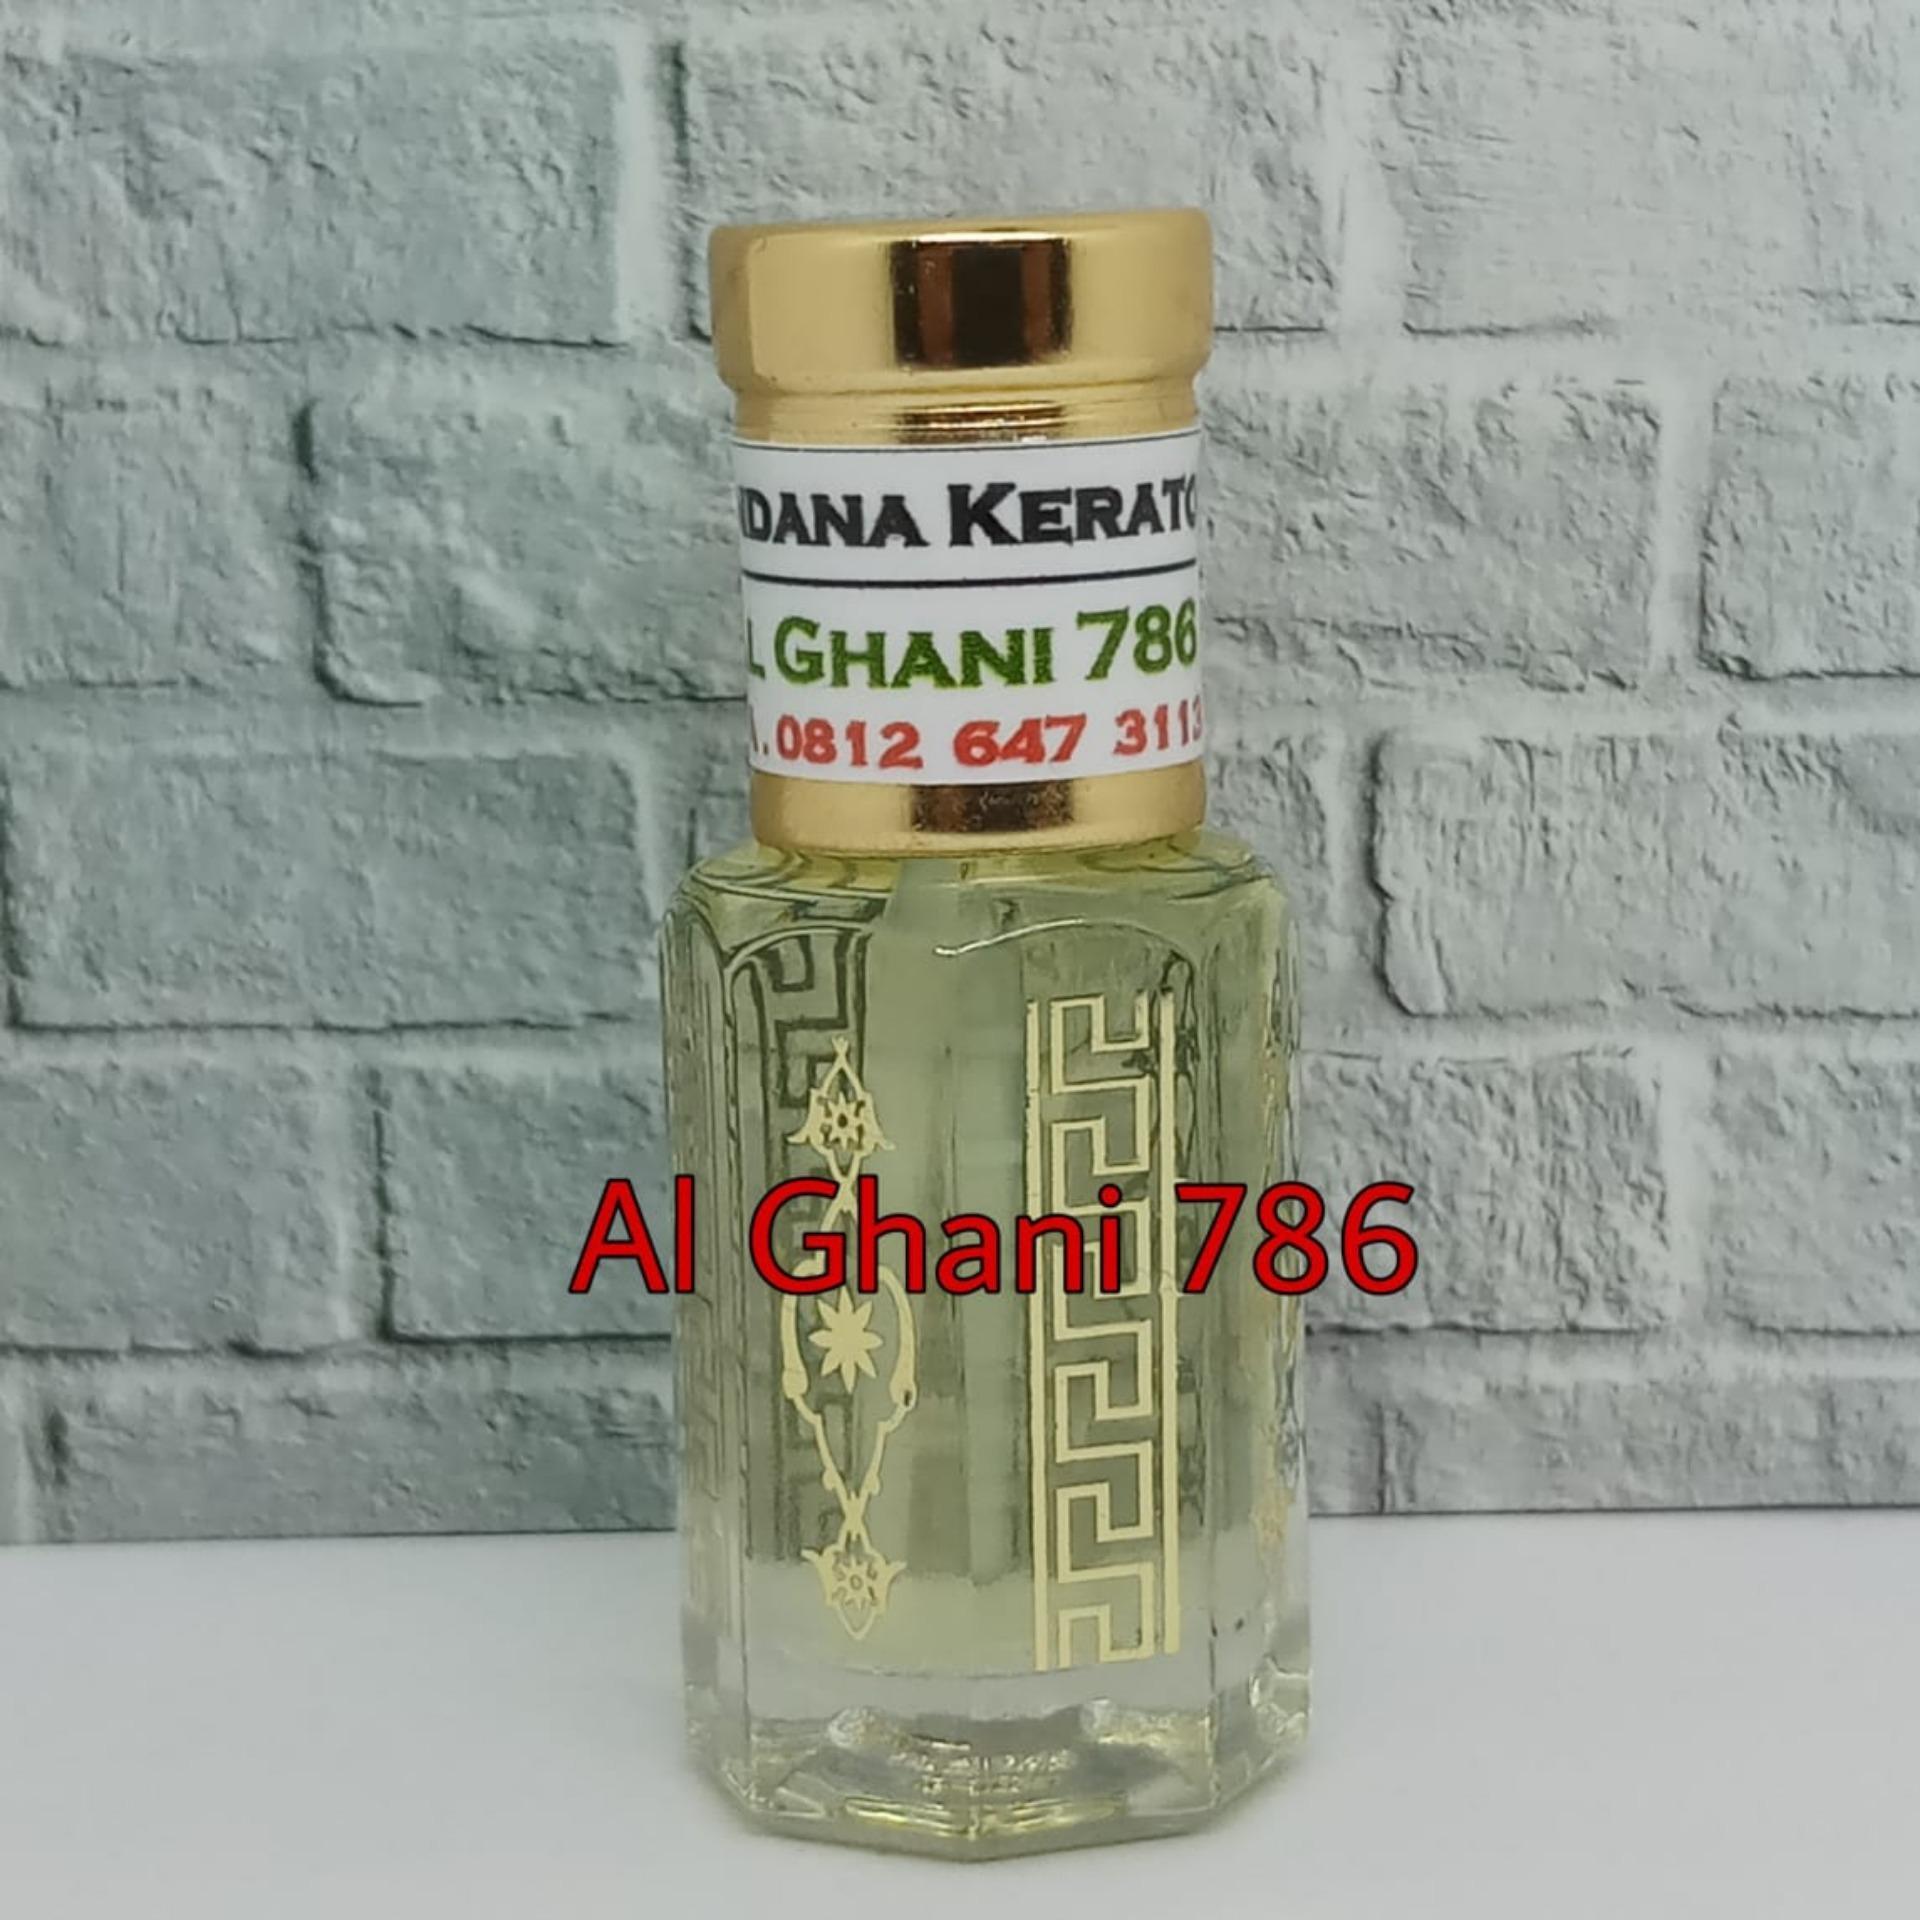 Cendana Keraton 6 ml - Minyak Wangi Non Alkohol - Bibit - Tahan Lama